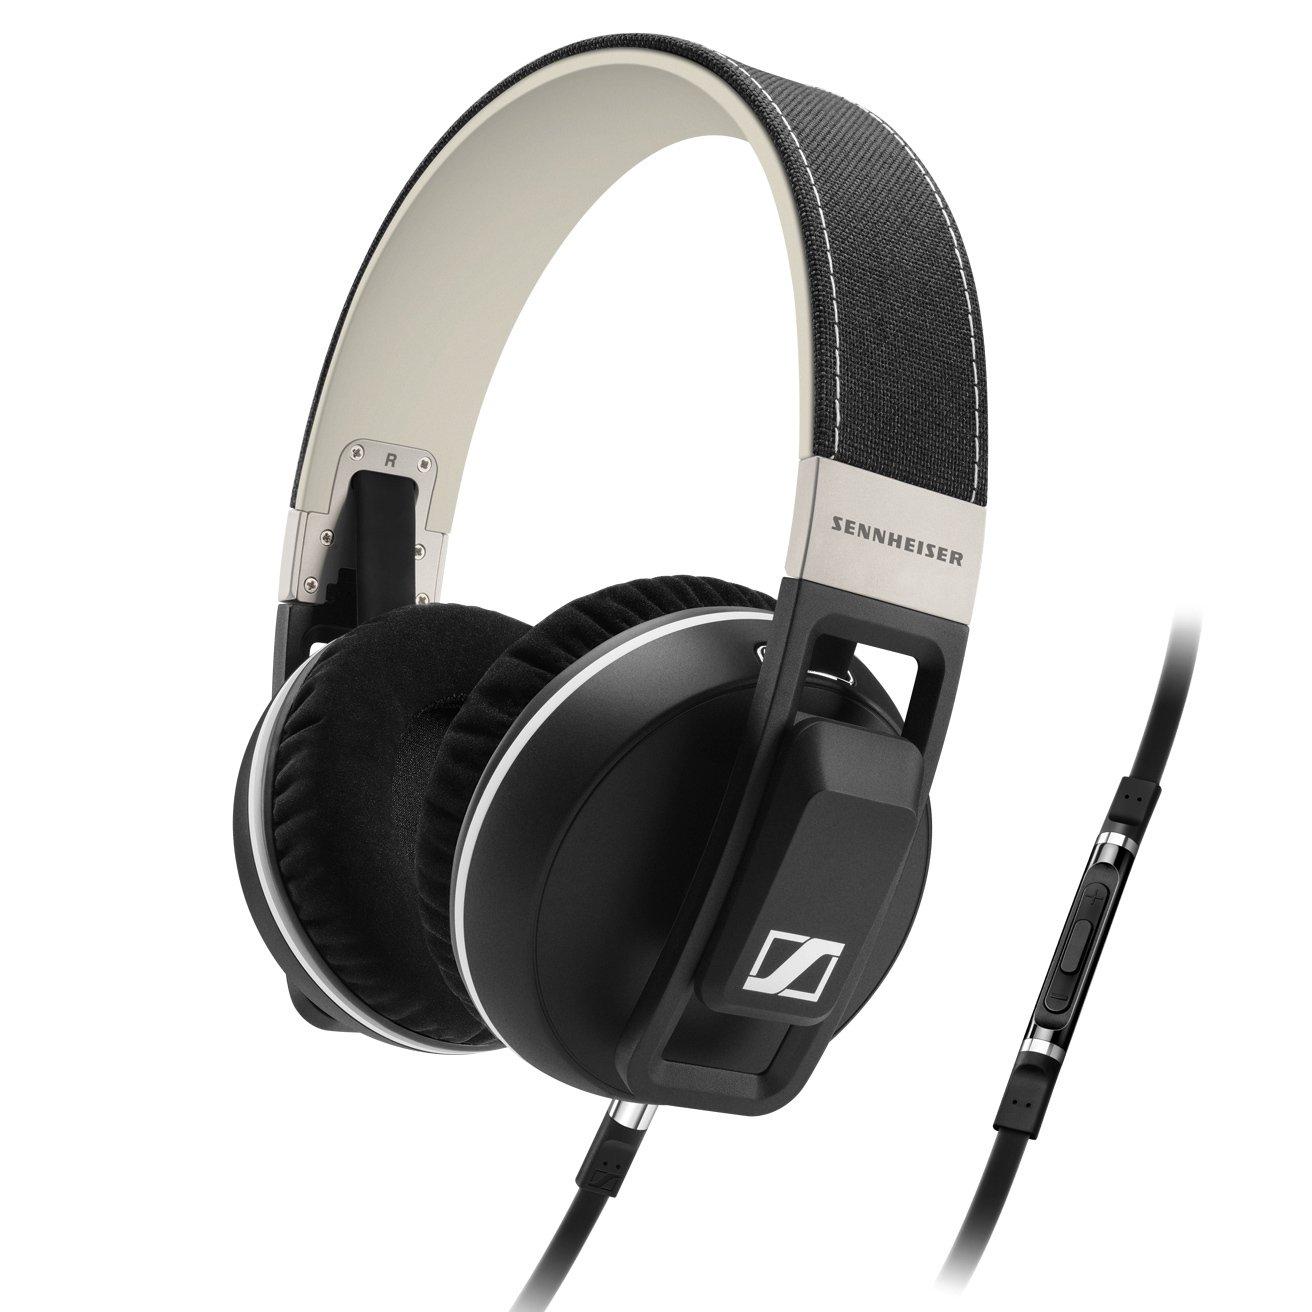 Sennheiser URBANITE XL Wireless Headphone - £69.99 delivered @ Sennheiser